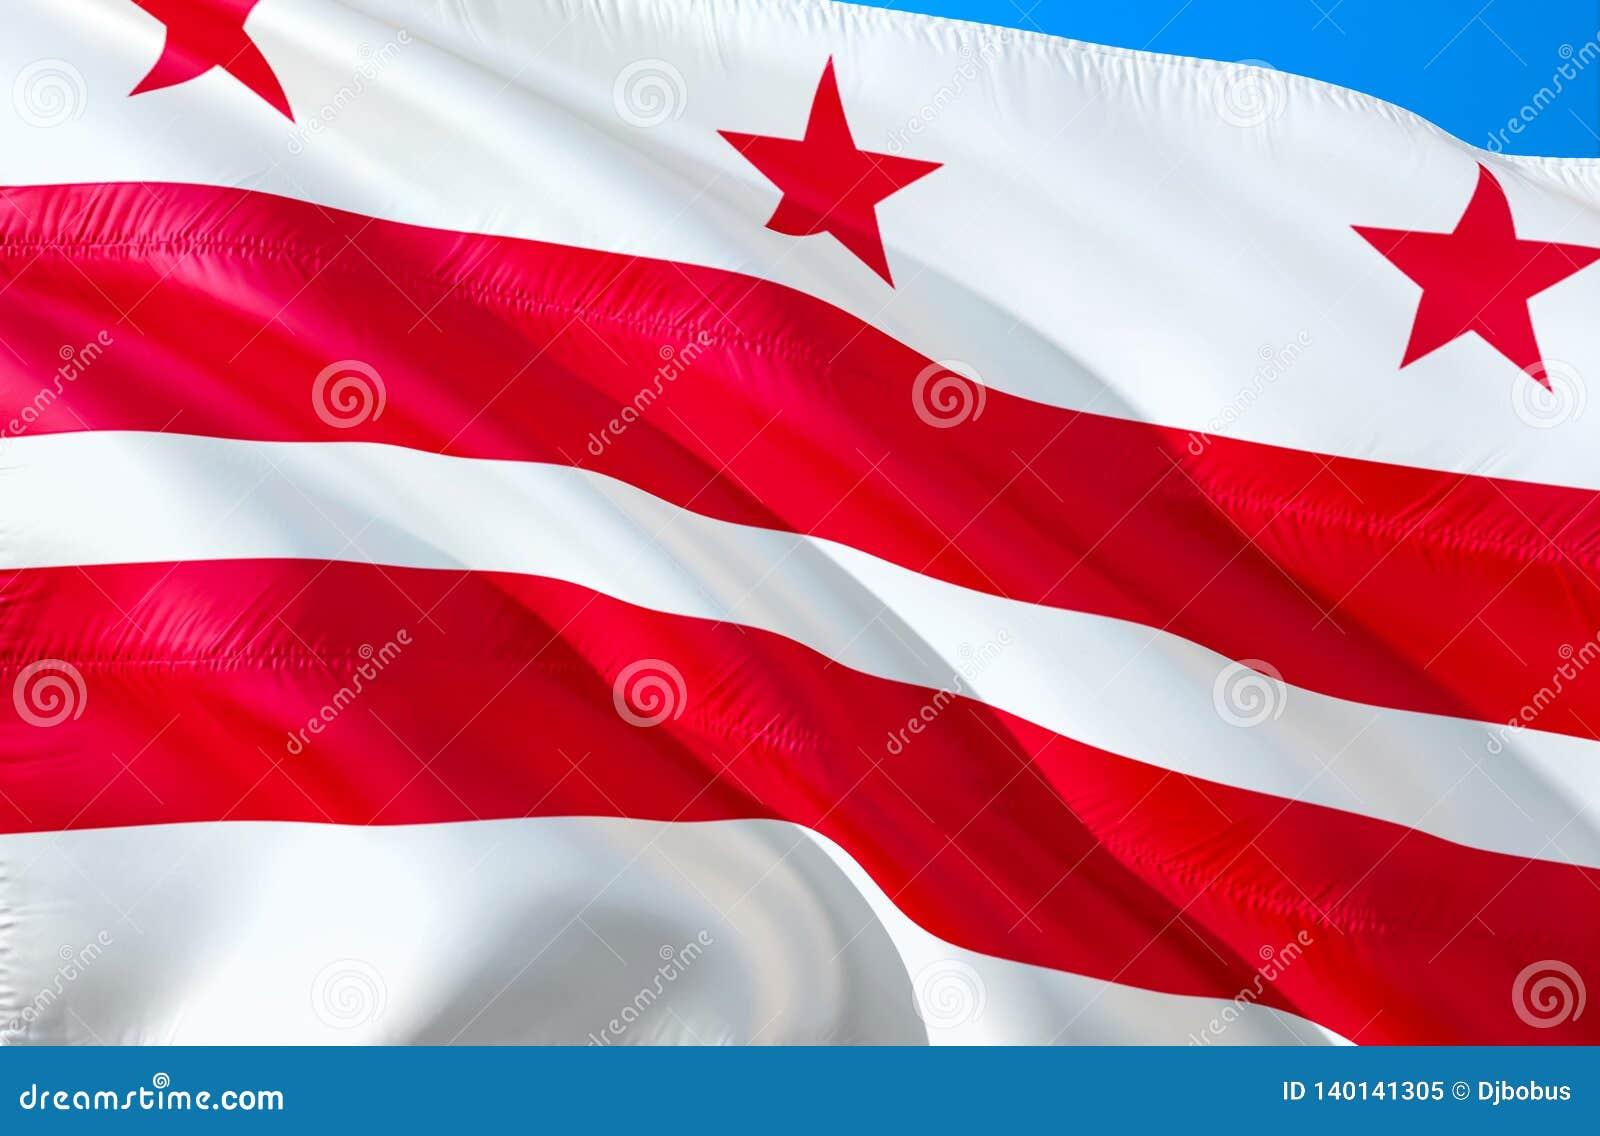 Das Washington Gleichstrom--Weiße Haus C Markierungsfahne 3D, das USA-Staatsflaggenentwurf wellenartig bewegt E C r eingebürgert